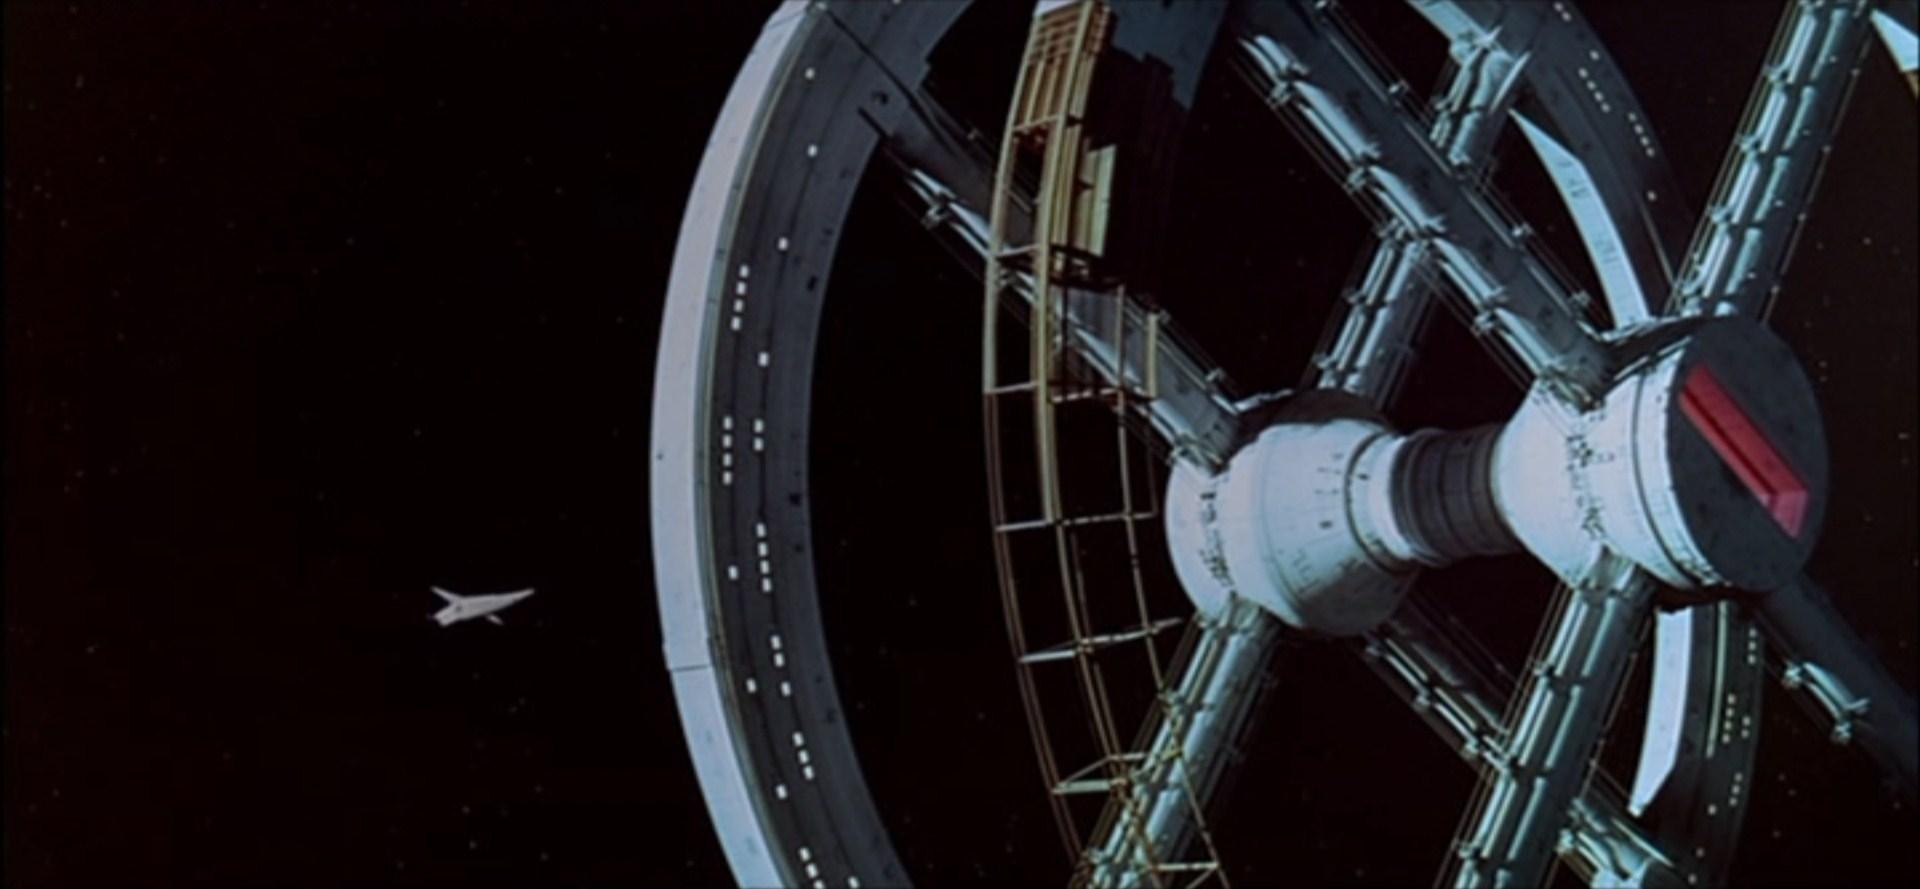 2001screenshot.jpg